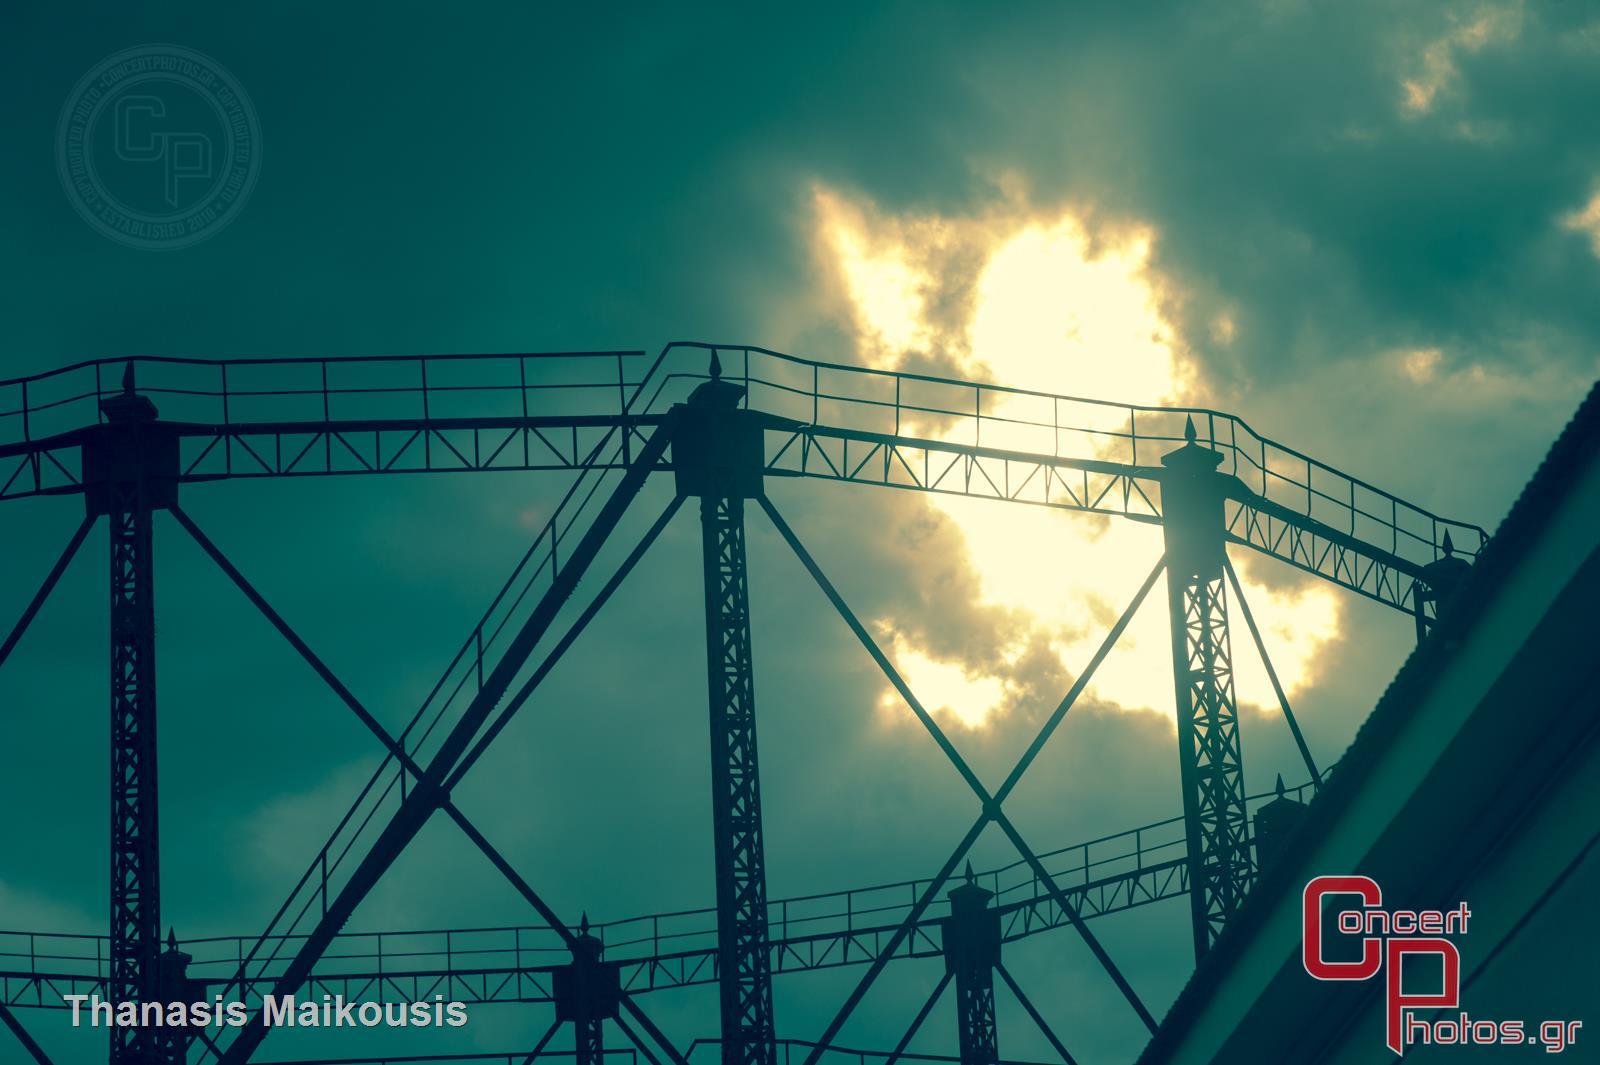 En Lefko 2014-En Lefko 2014 photographer: Thanasis Maikousis - concertphotos_20140620_19_18_34